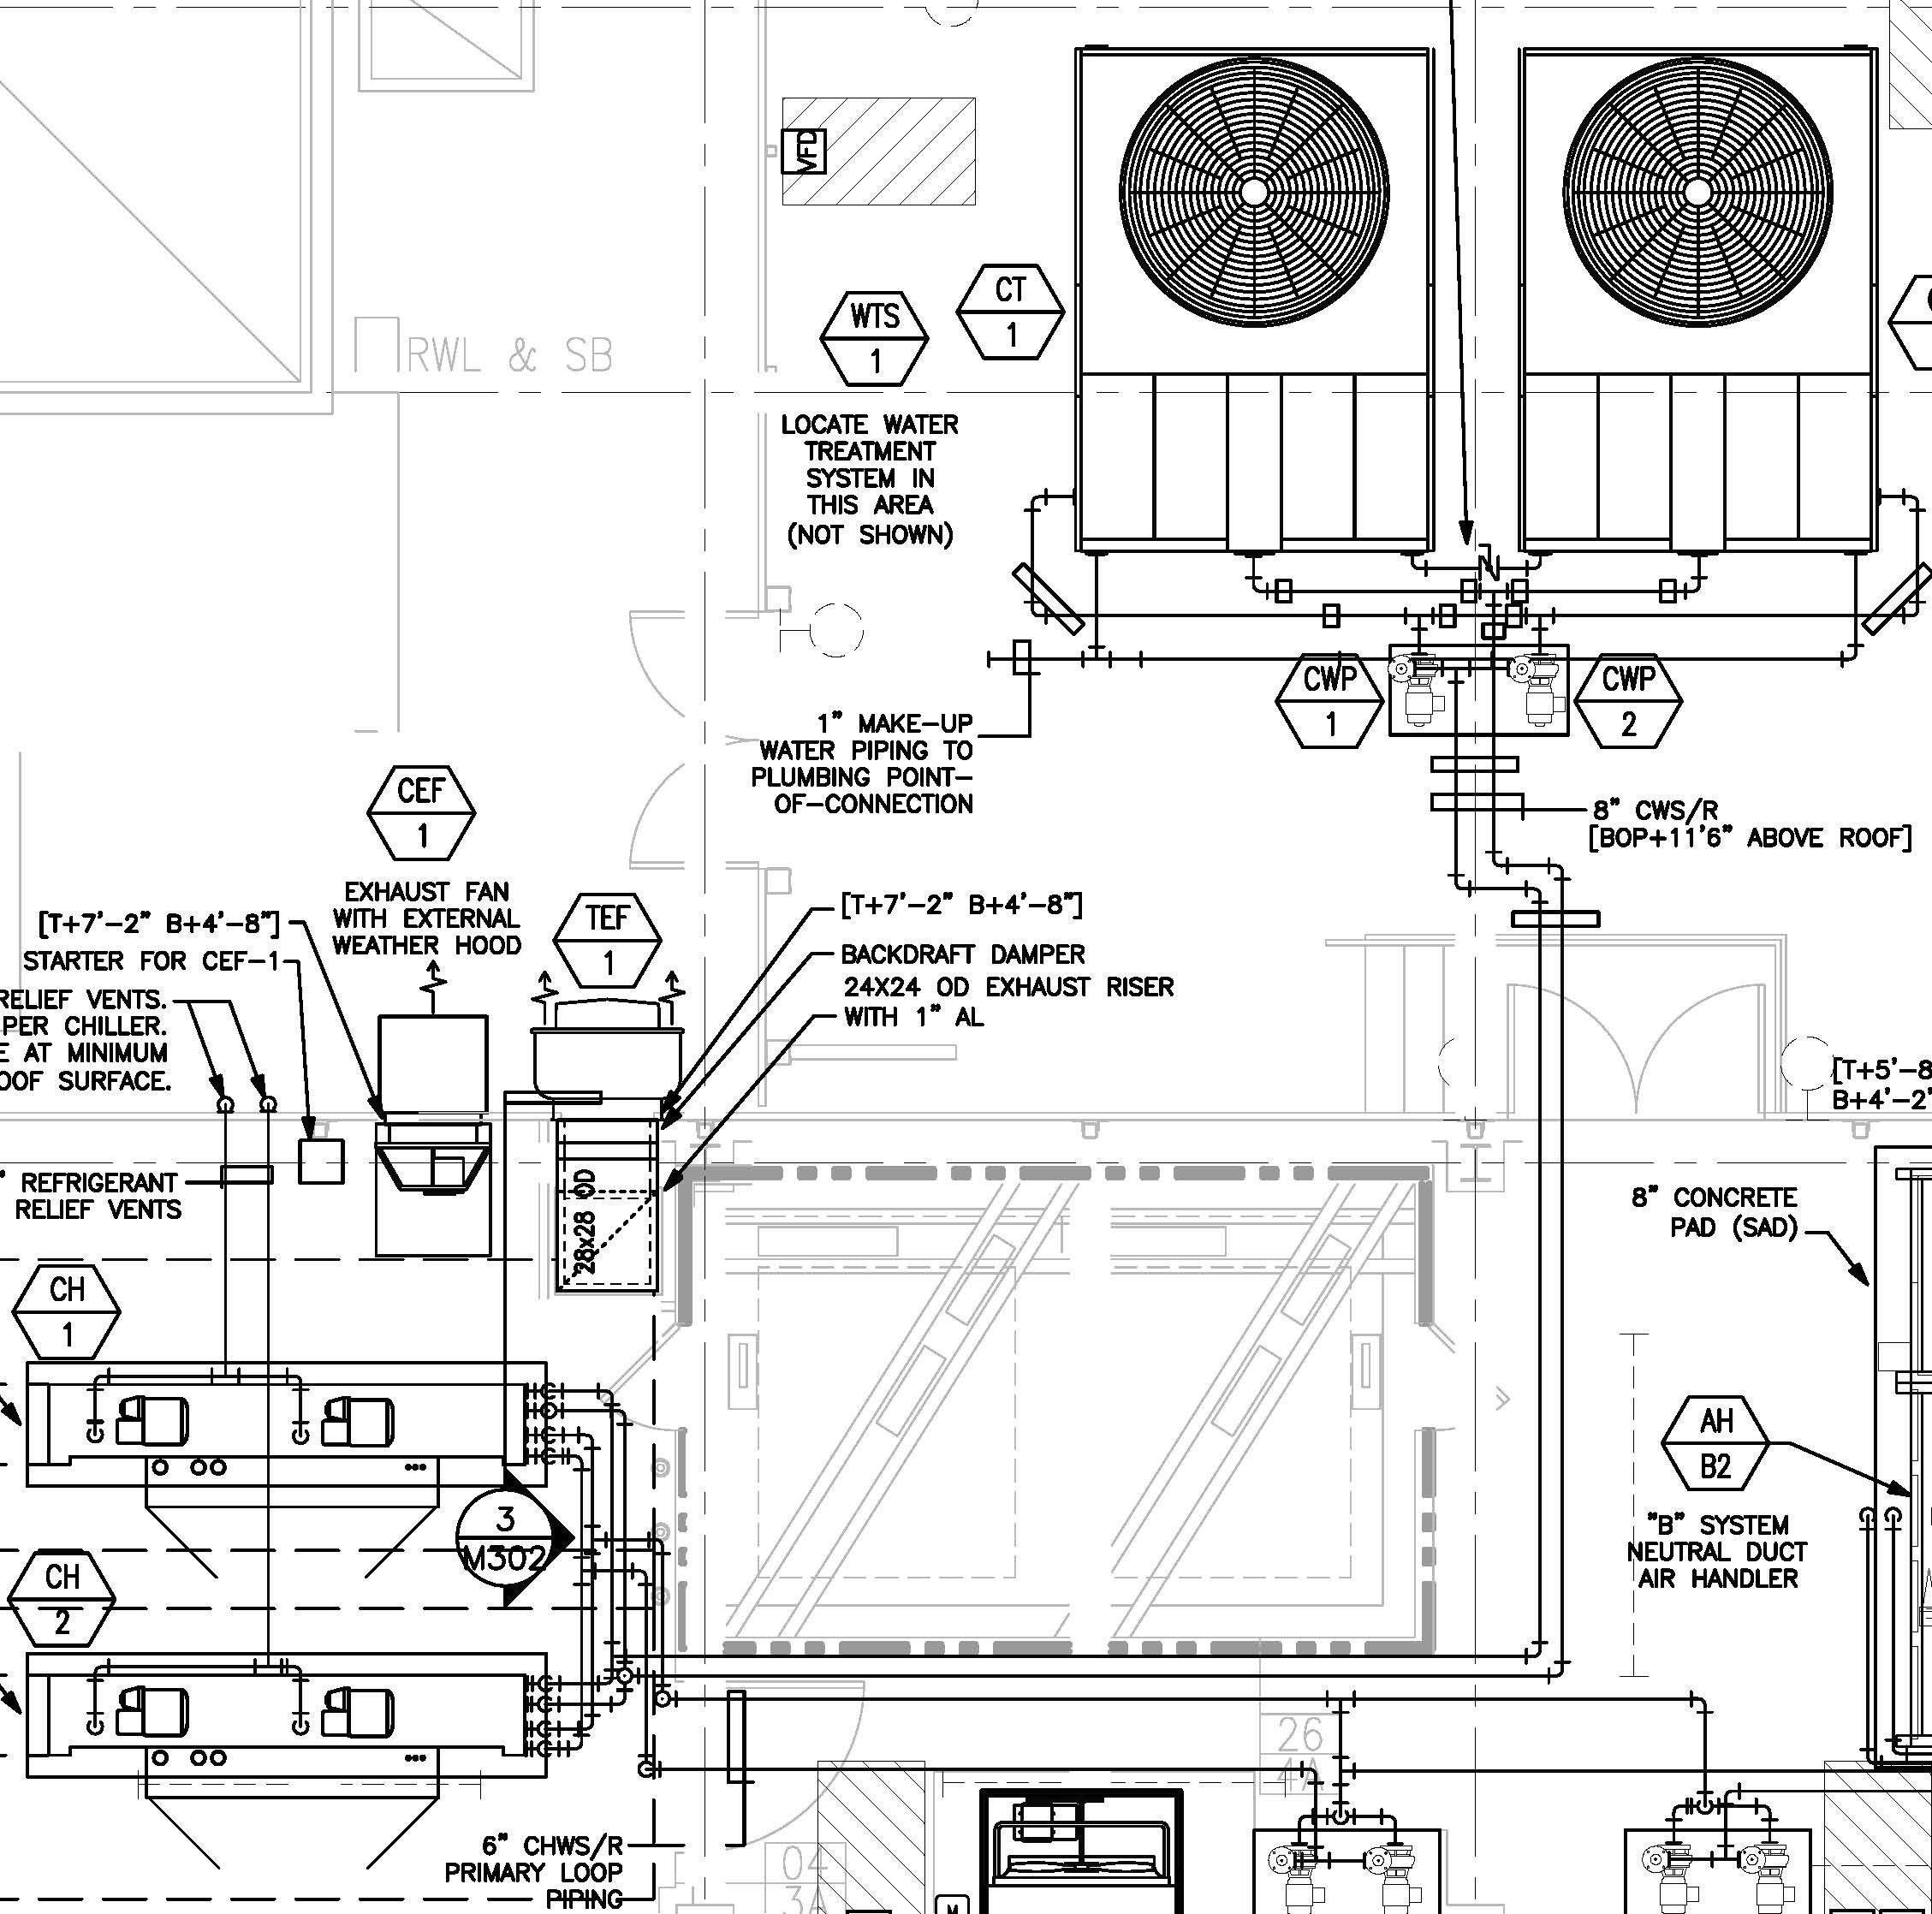 1986 Club Car Wiring Diagram In 2020 Garage Door Opener Troubleshooting Craftsman Garage Door Craftsman Garage Door Opener